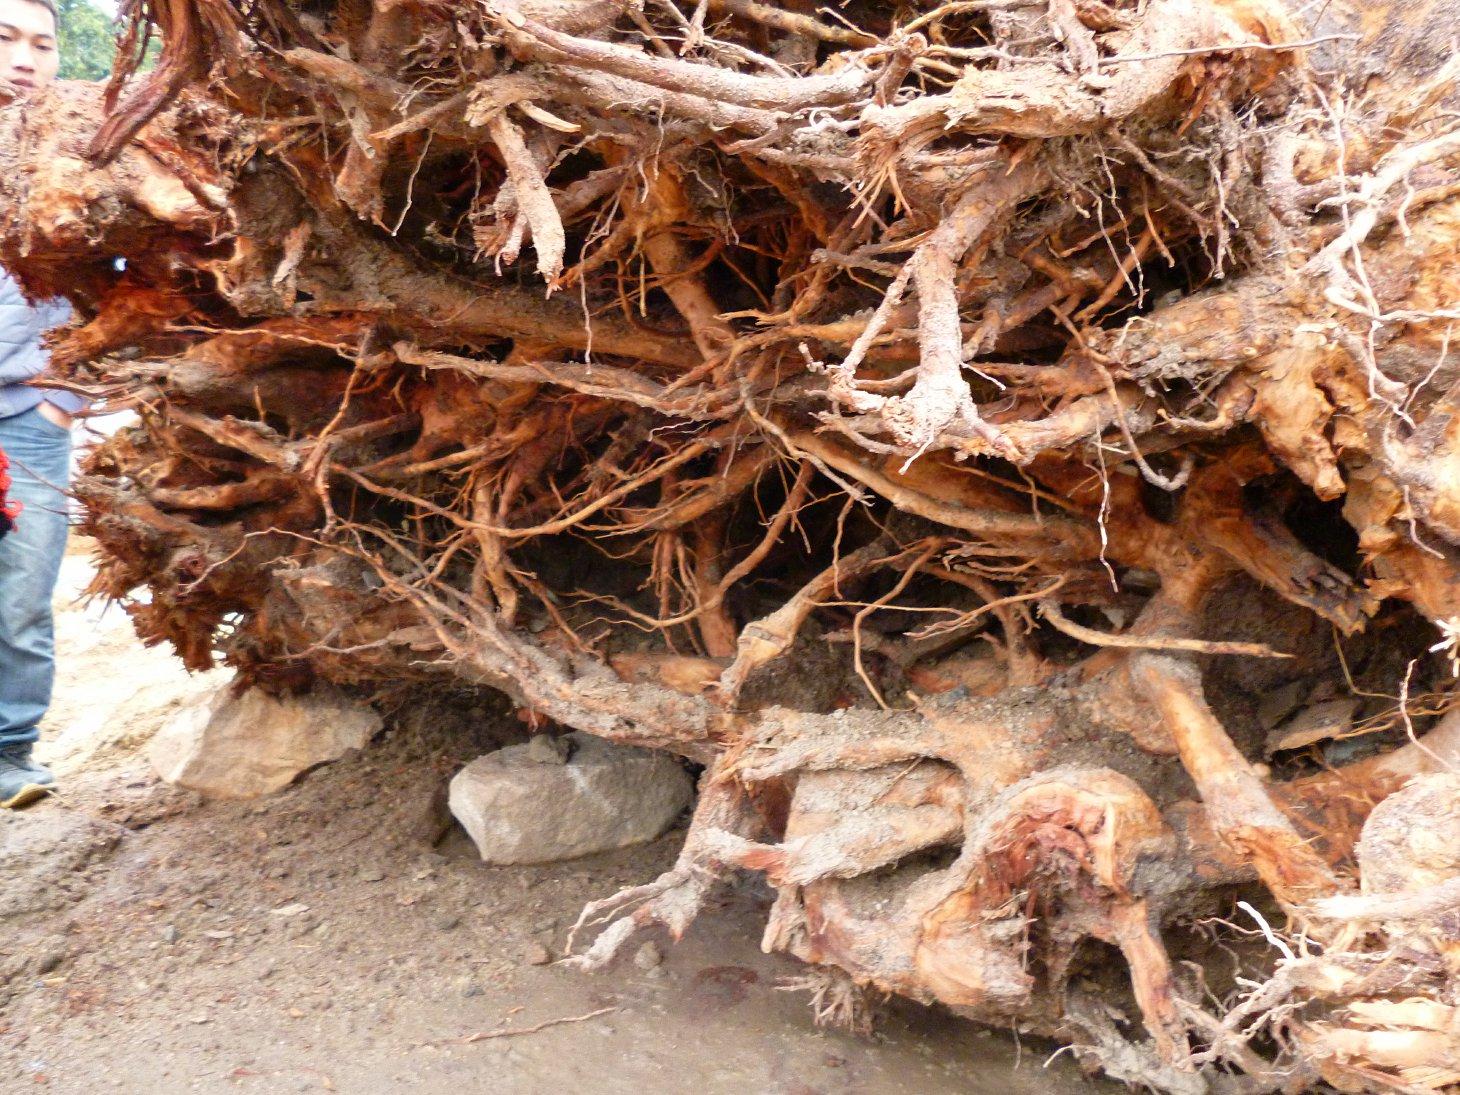 弄回来的木根,大家给个意见,加工成什么好